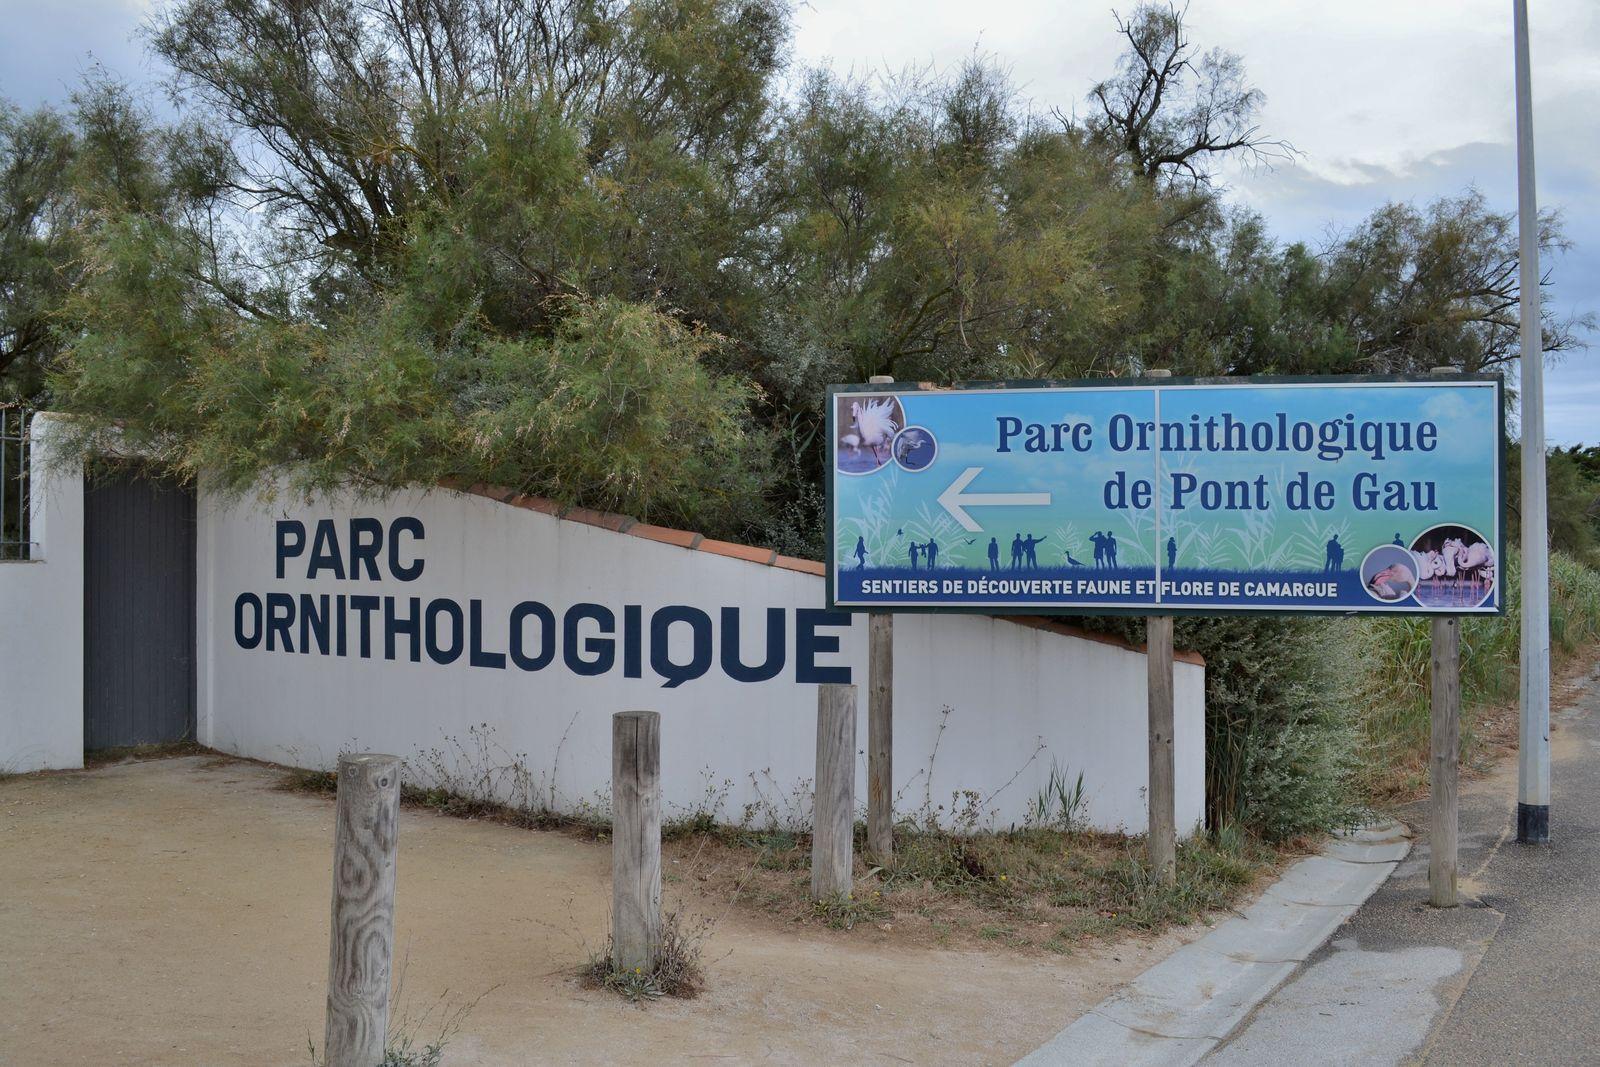 Le parc ornithologique de Pont de Gau...